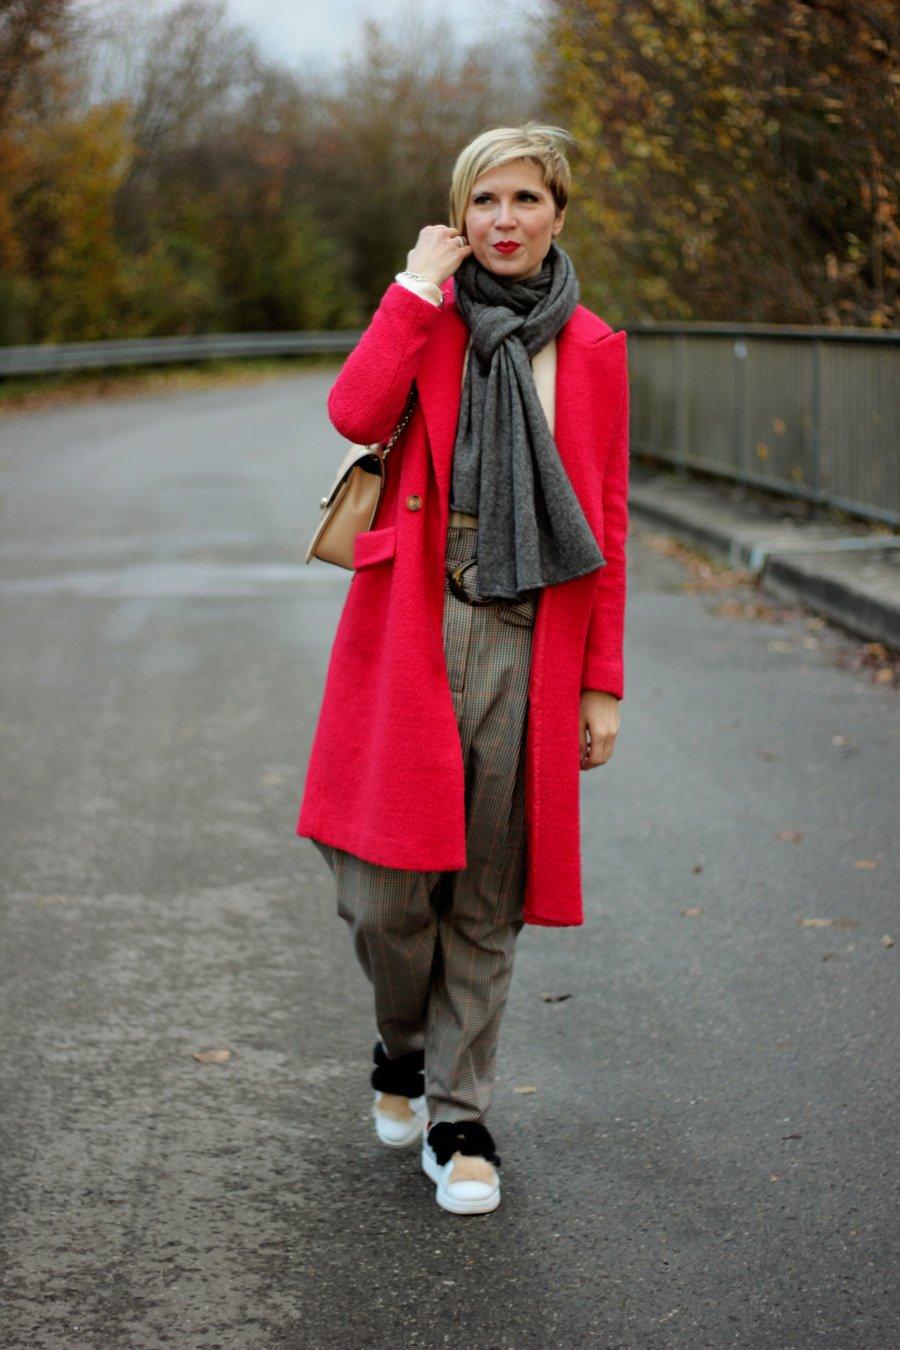 Dieses Bild gehört zu einem Beitrag über den Kinofilm Madame und illustriert einen bequemen Look fürs Kino, die Paperbag Hose mit Sneaker und Strickpullover